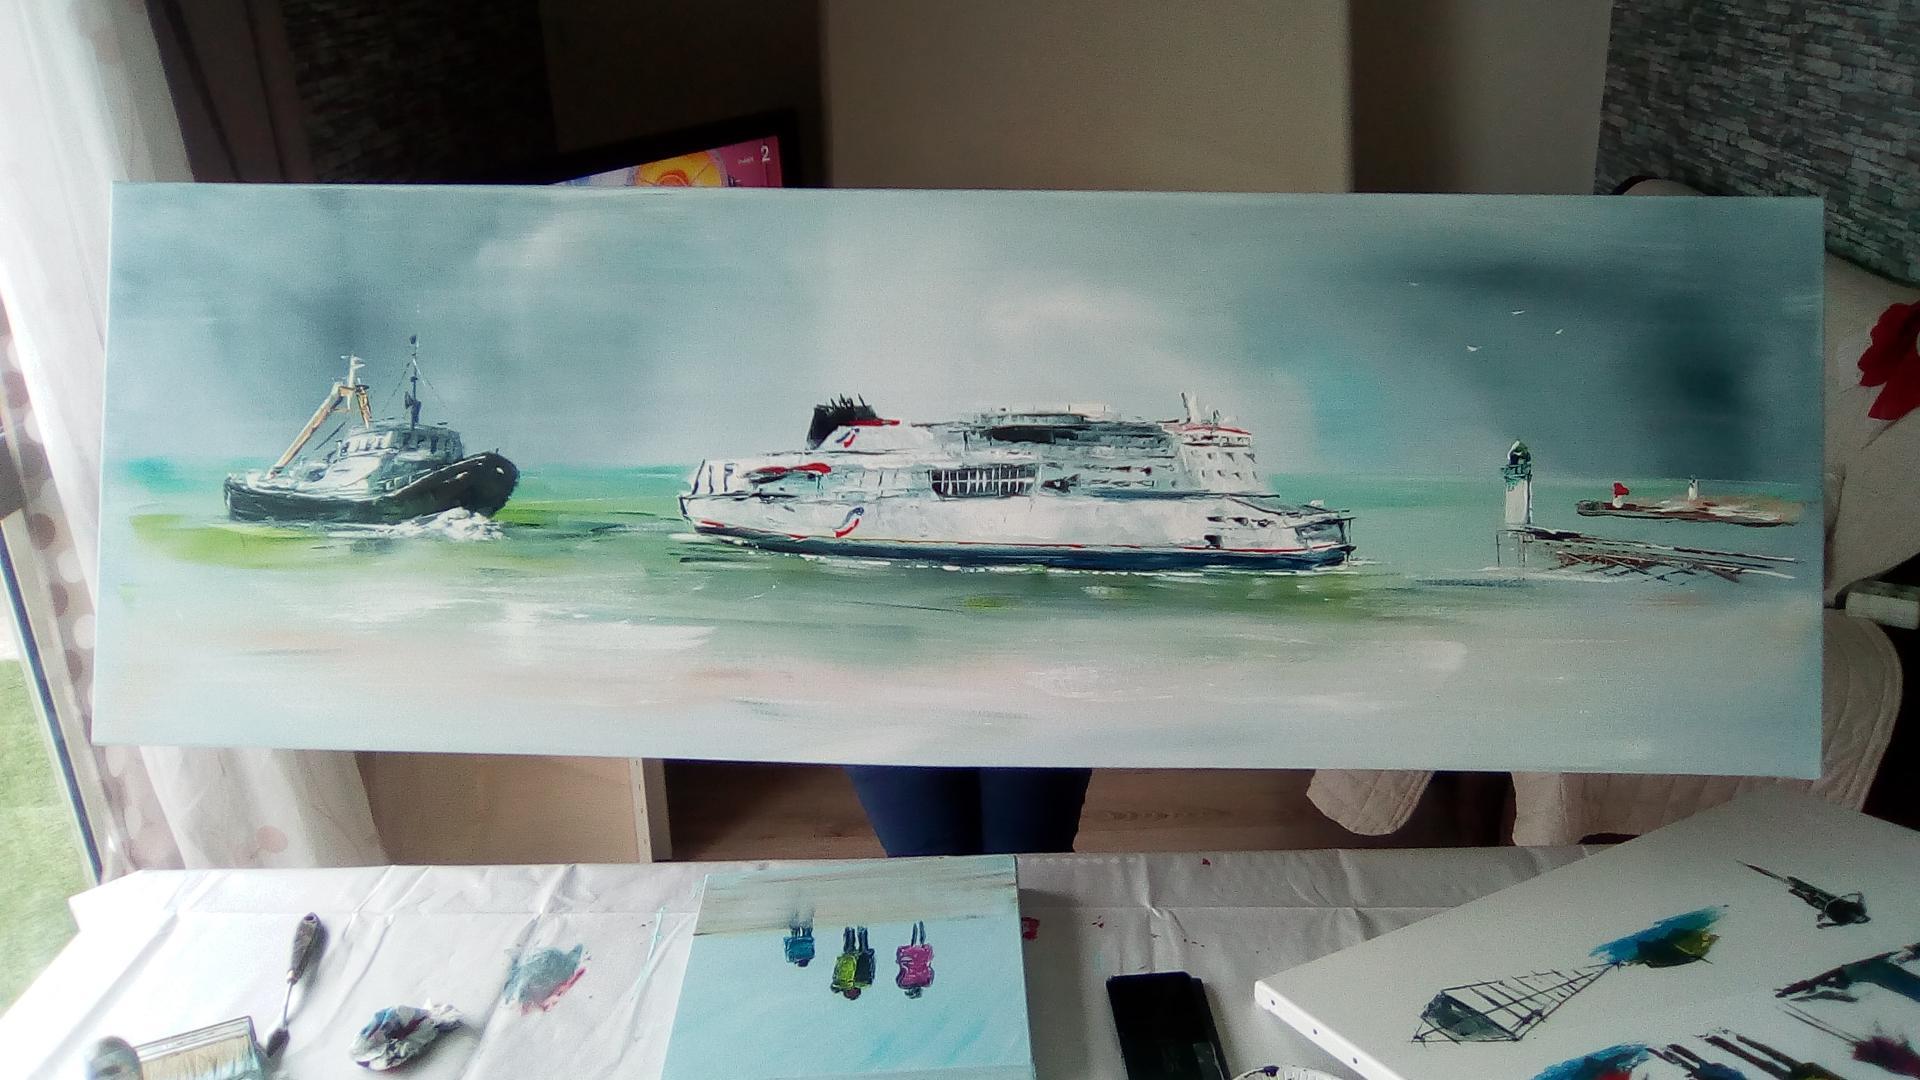 le ferry à Calais